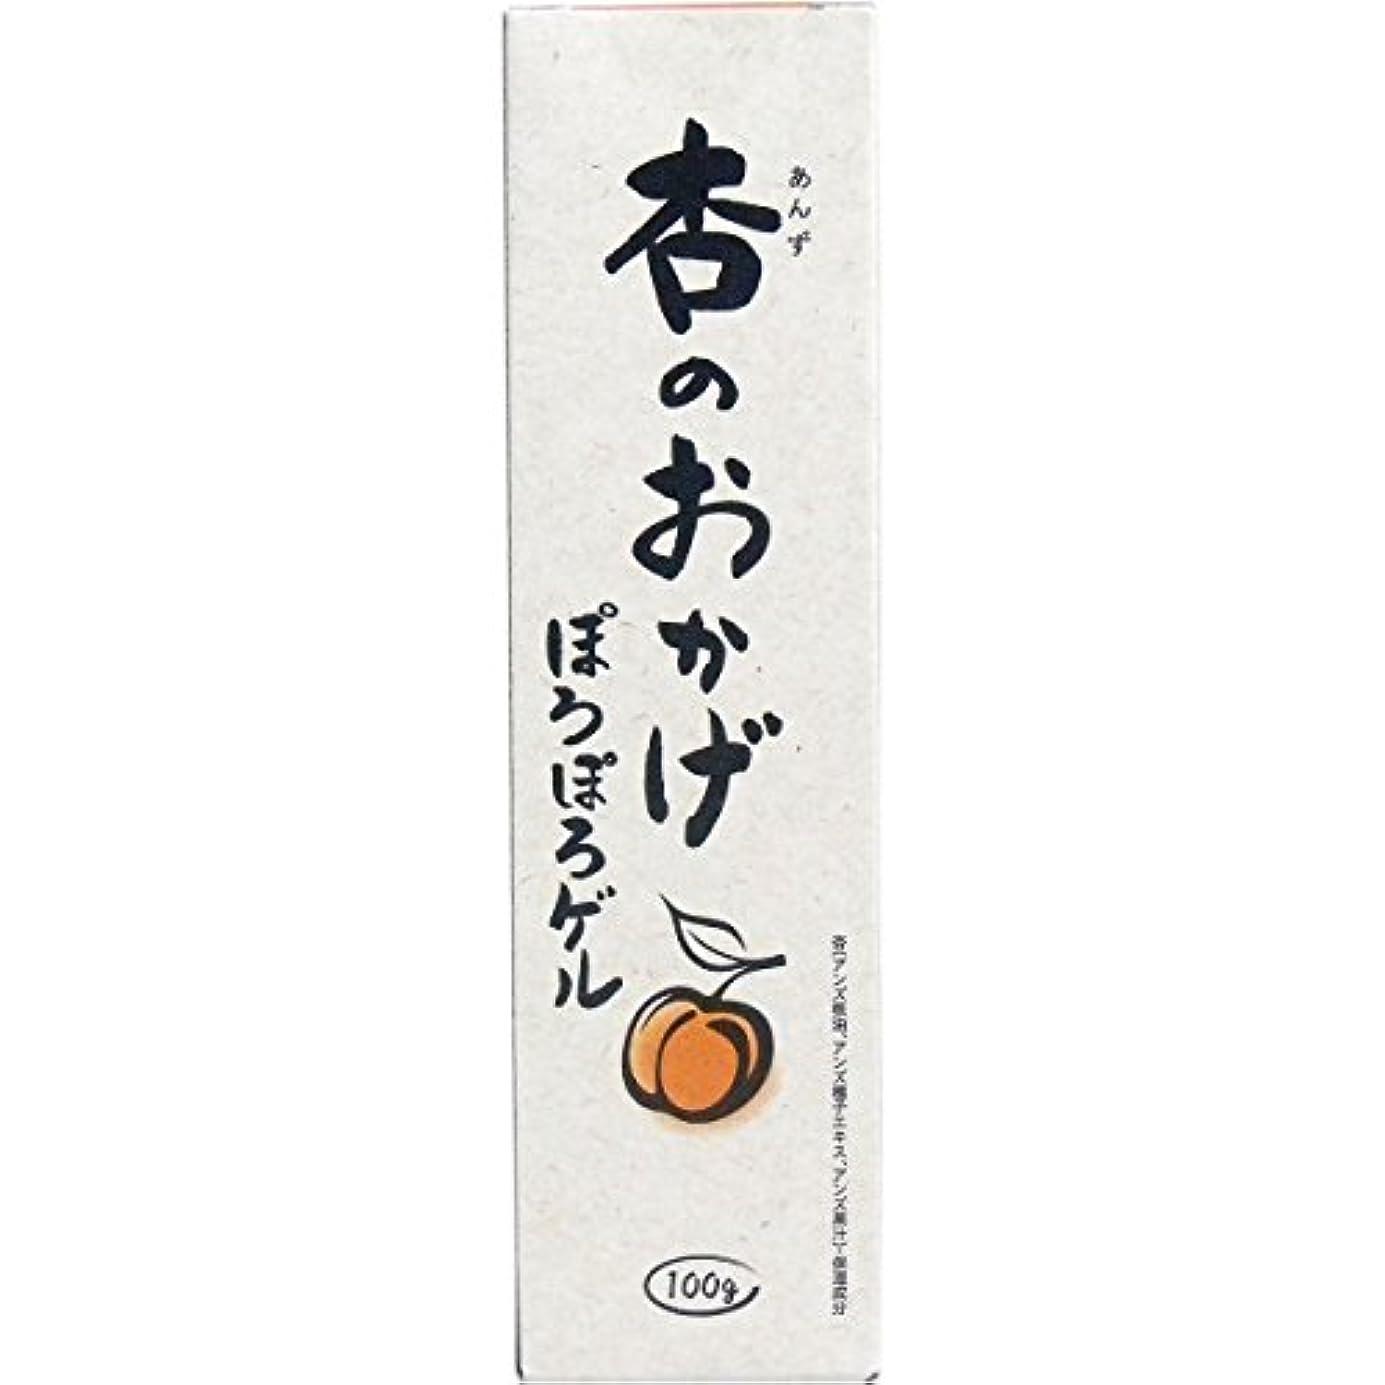 アルネマット芽杏のおかげ ぽろぽろゲル 100g